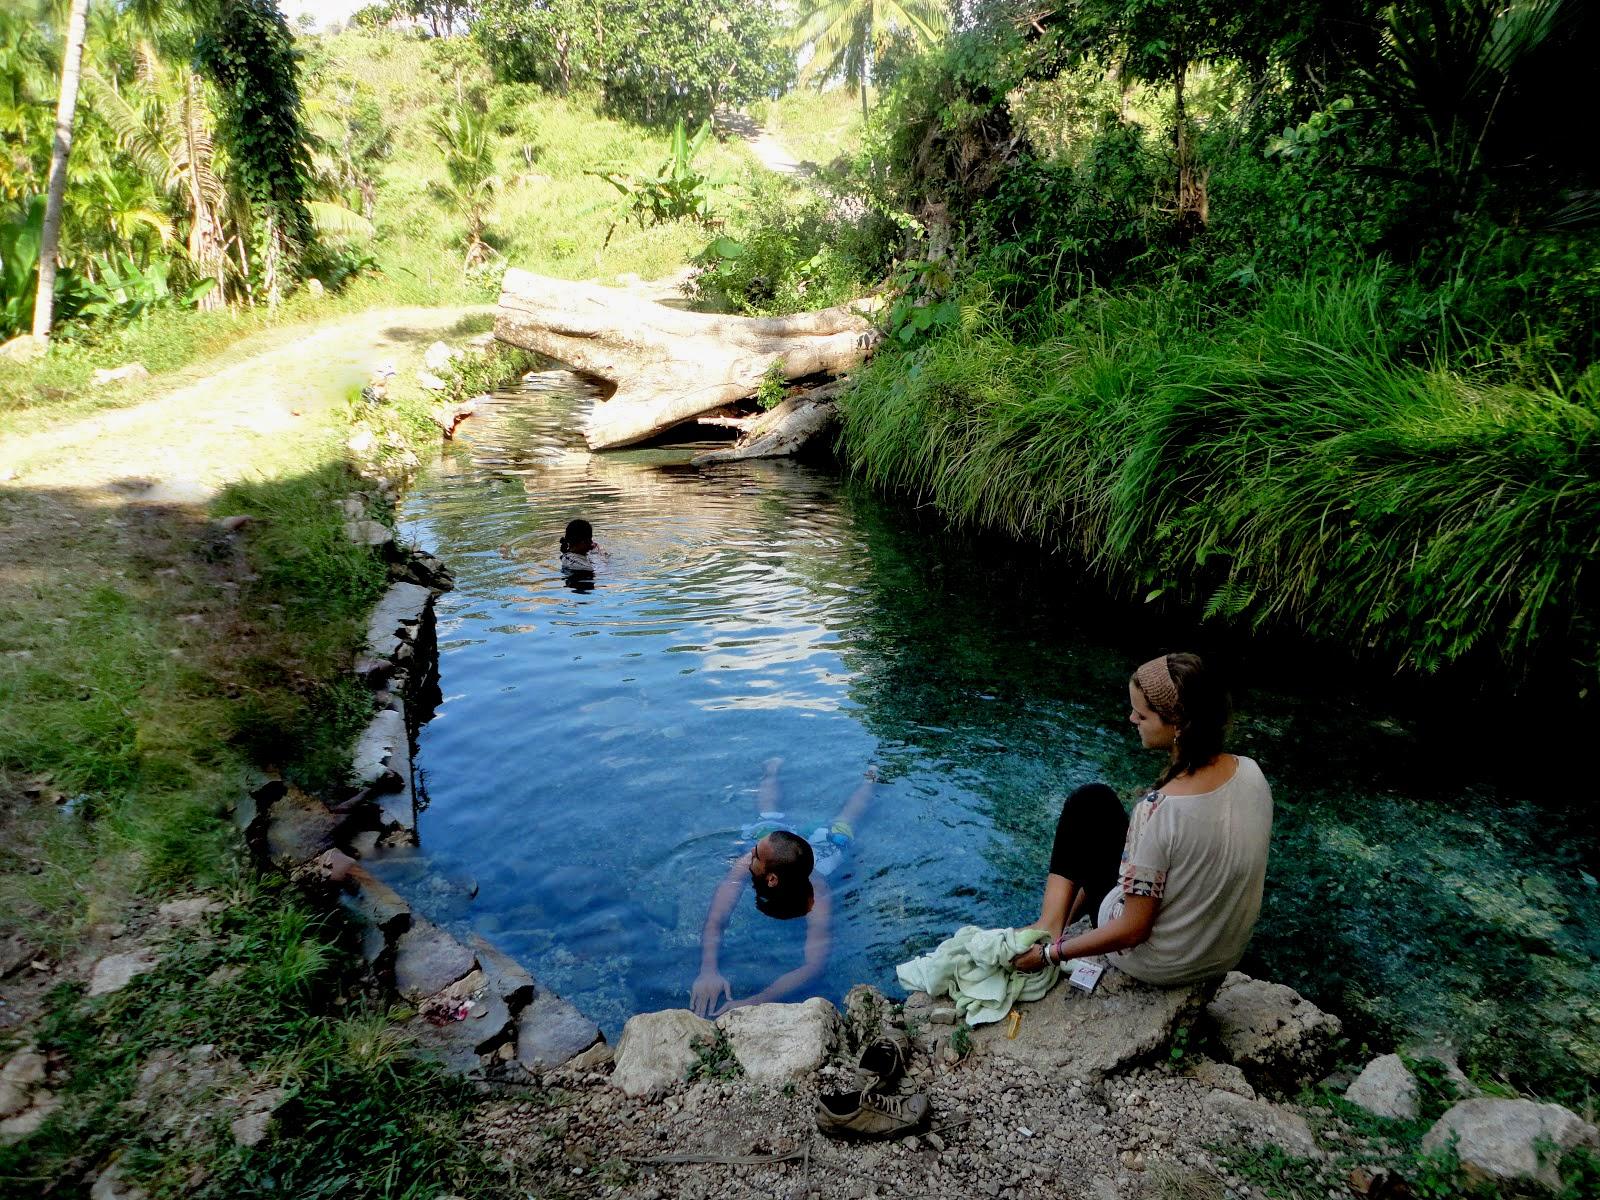 Laos beauty 07 - 4 2